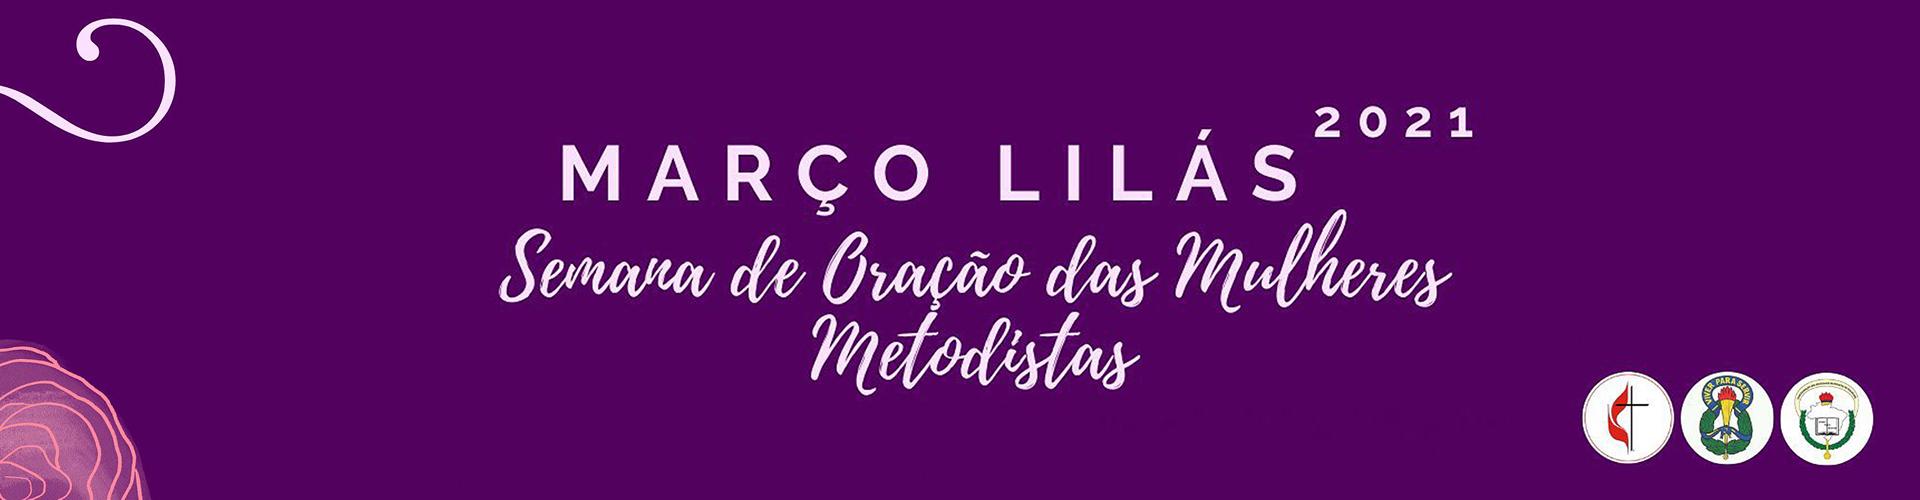 Março Lilás | Acompanhe a mobilização da Confederação Metodista de Mulheres